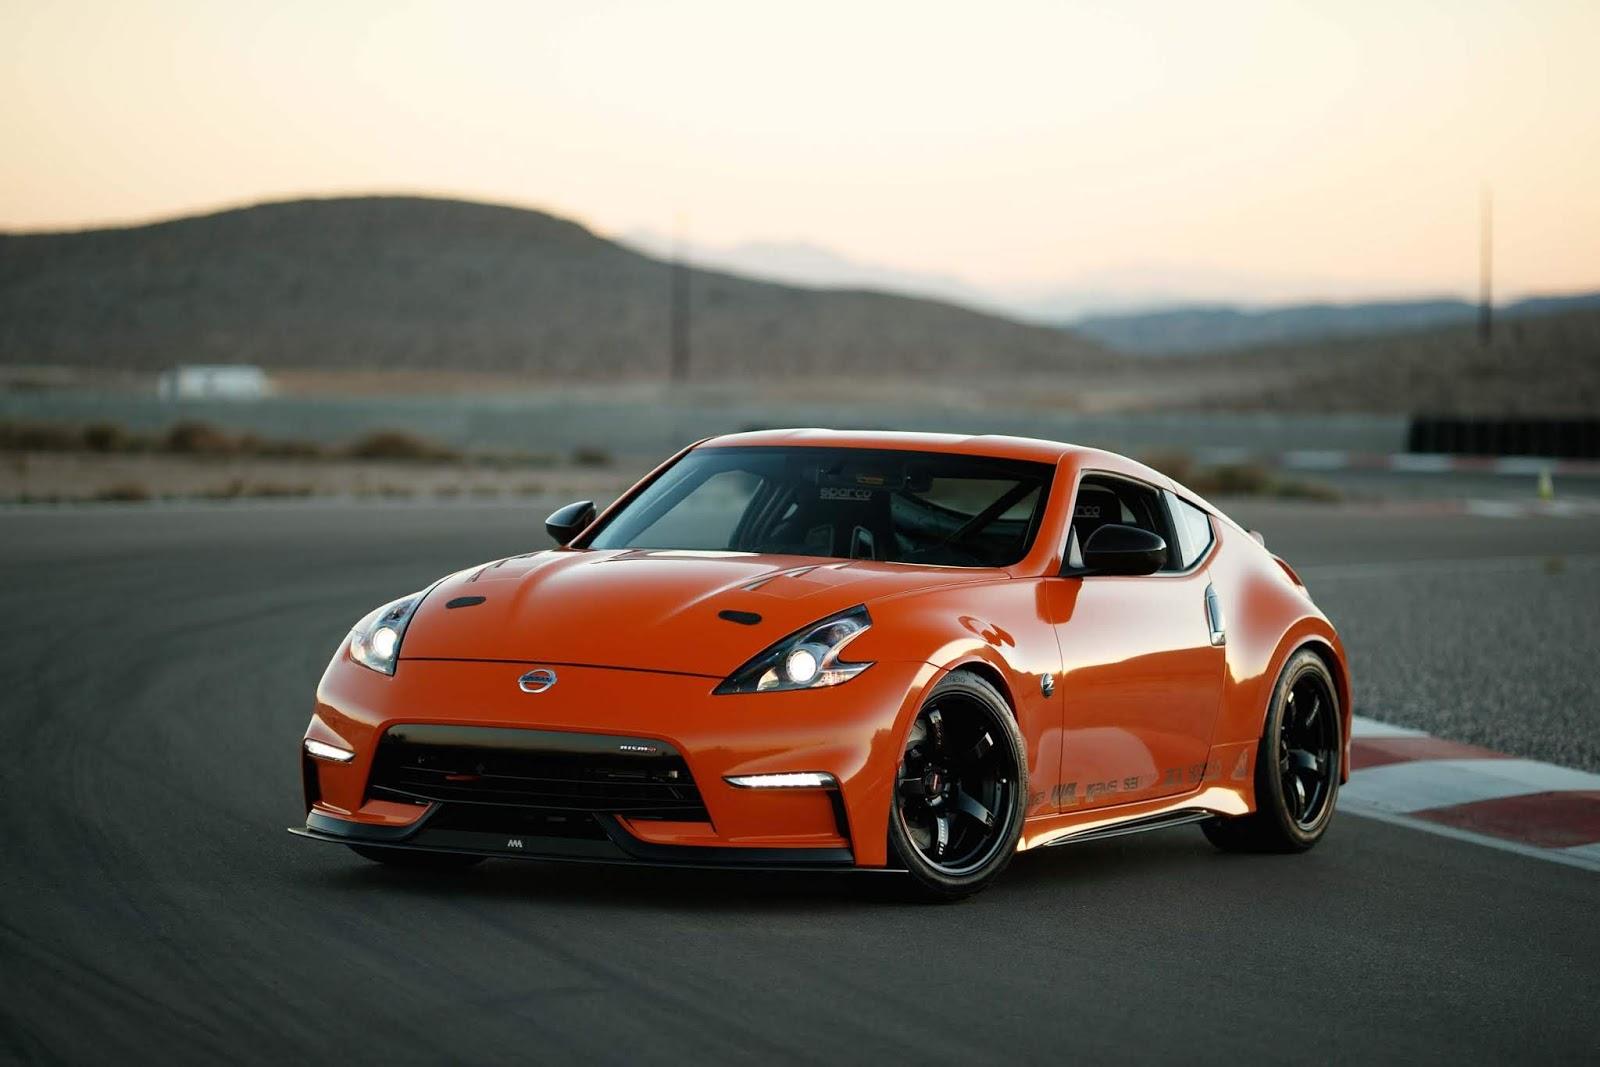 Το αγωνιστικό πρωτότυπο Project Clubsport 23 της Nissan Motorsports, πρωτοστατεί στην έκθεση SEMA στις Η.Π.Α.